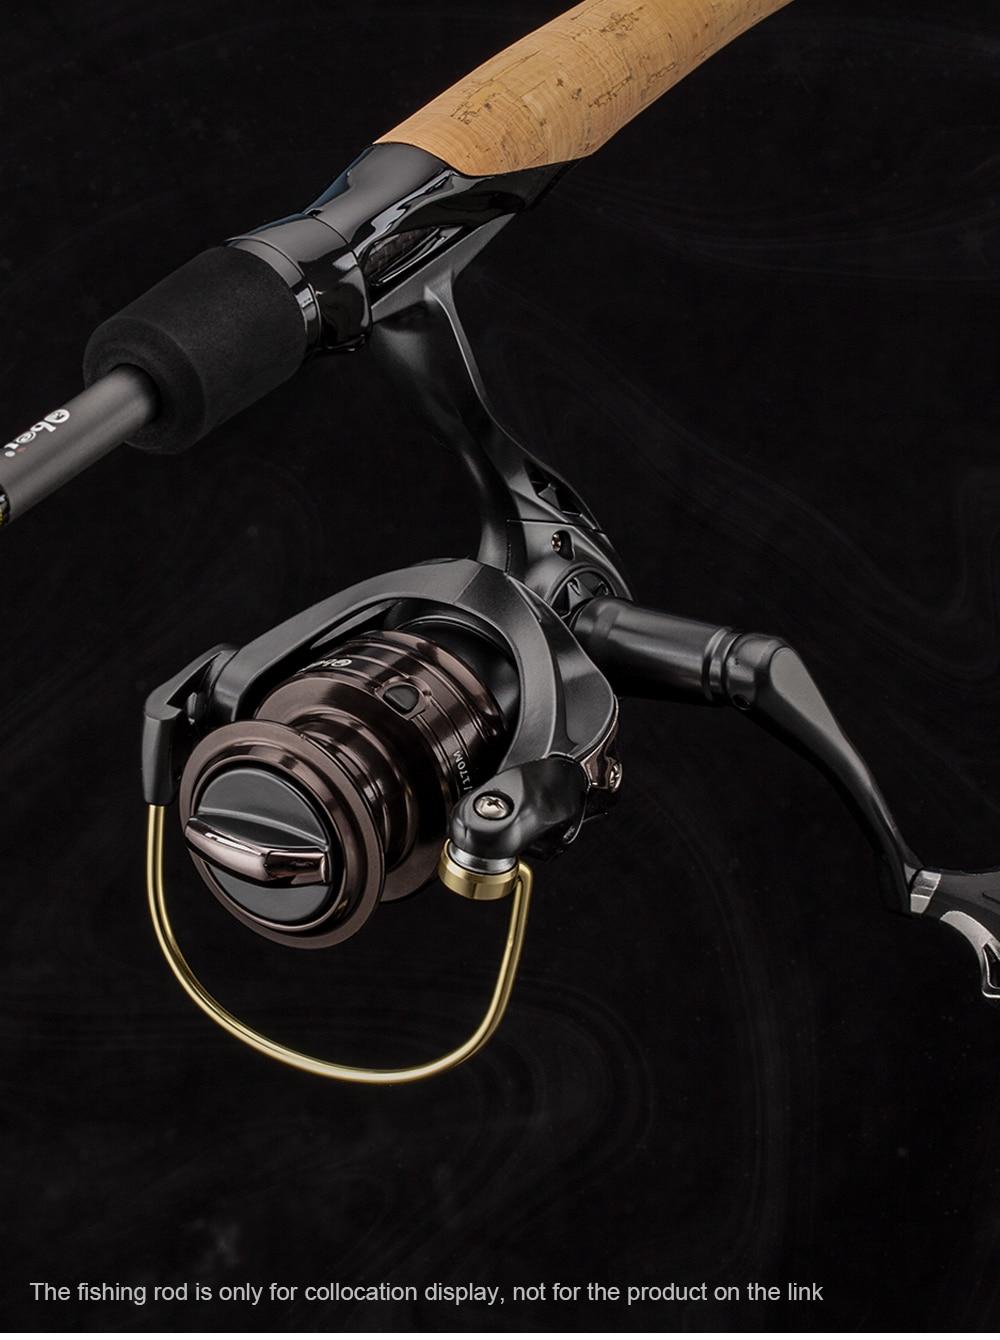 2000H 5+1 Bearing Freshwater  Max Drag 8KG Carp Fishing Reel